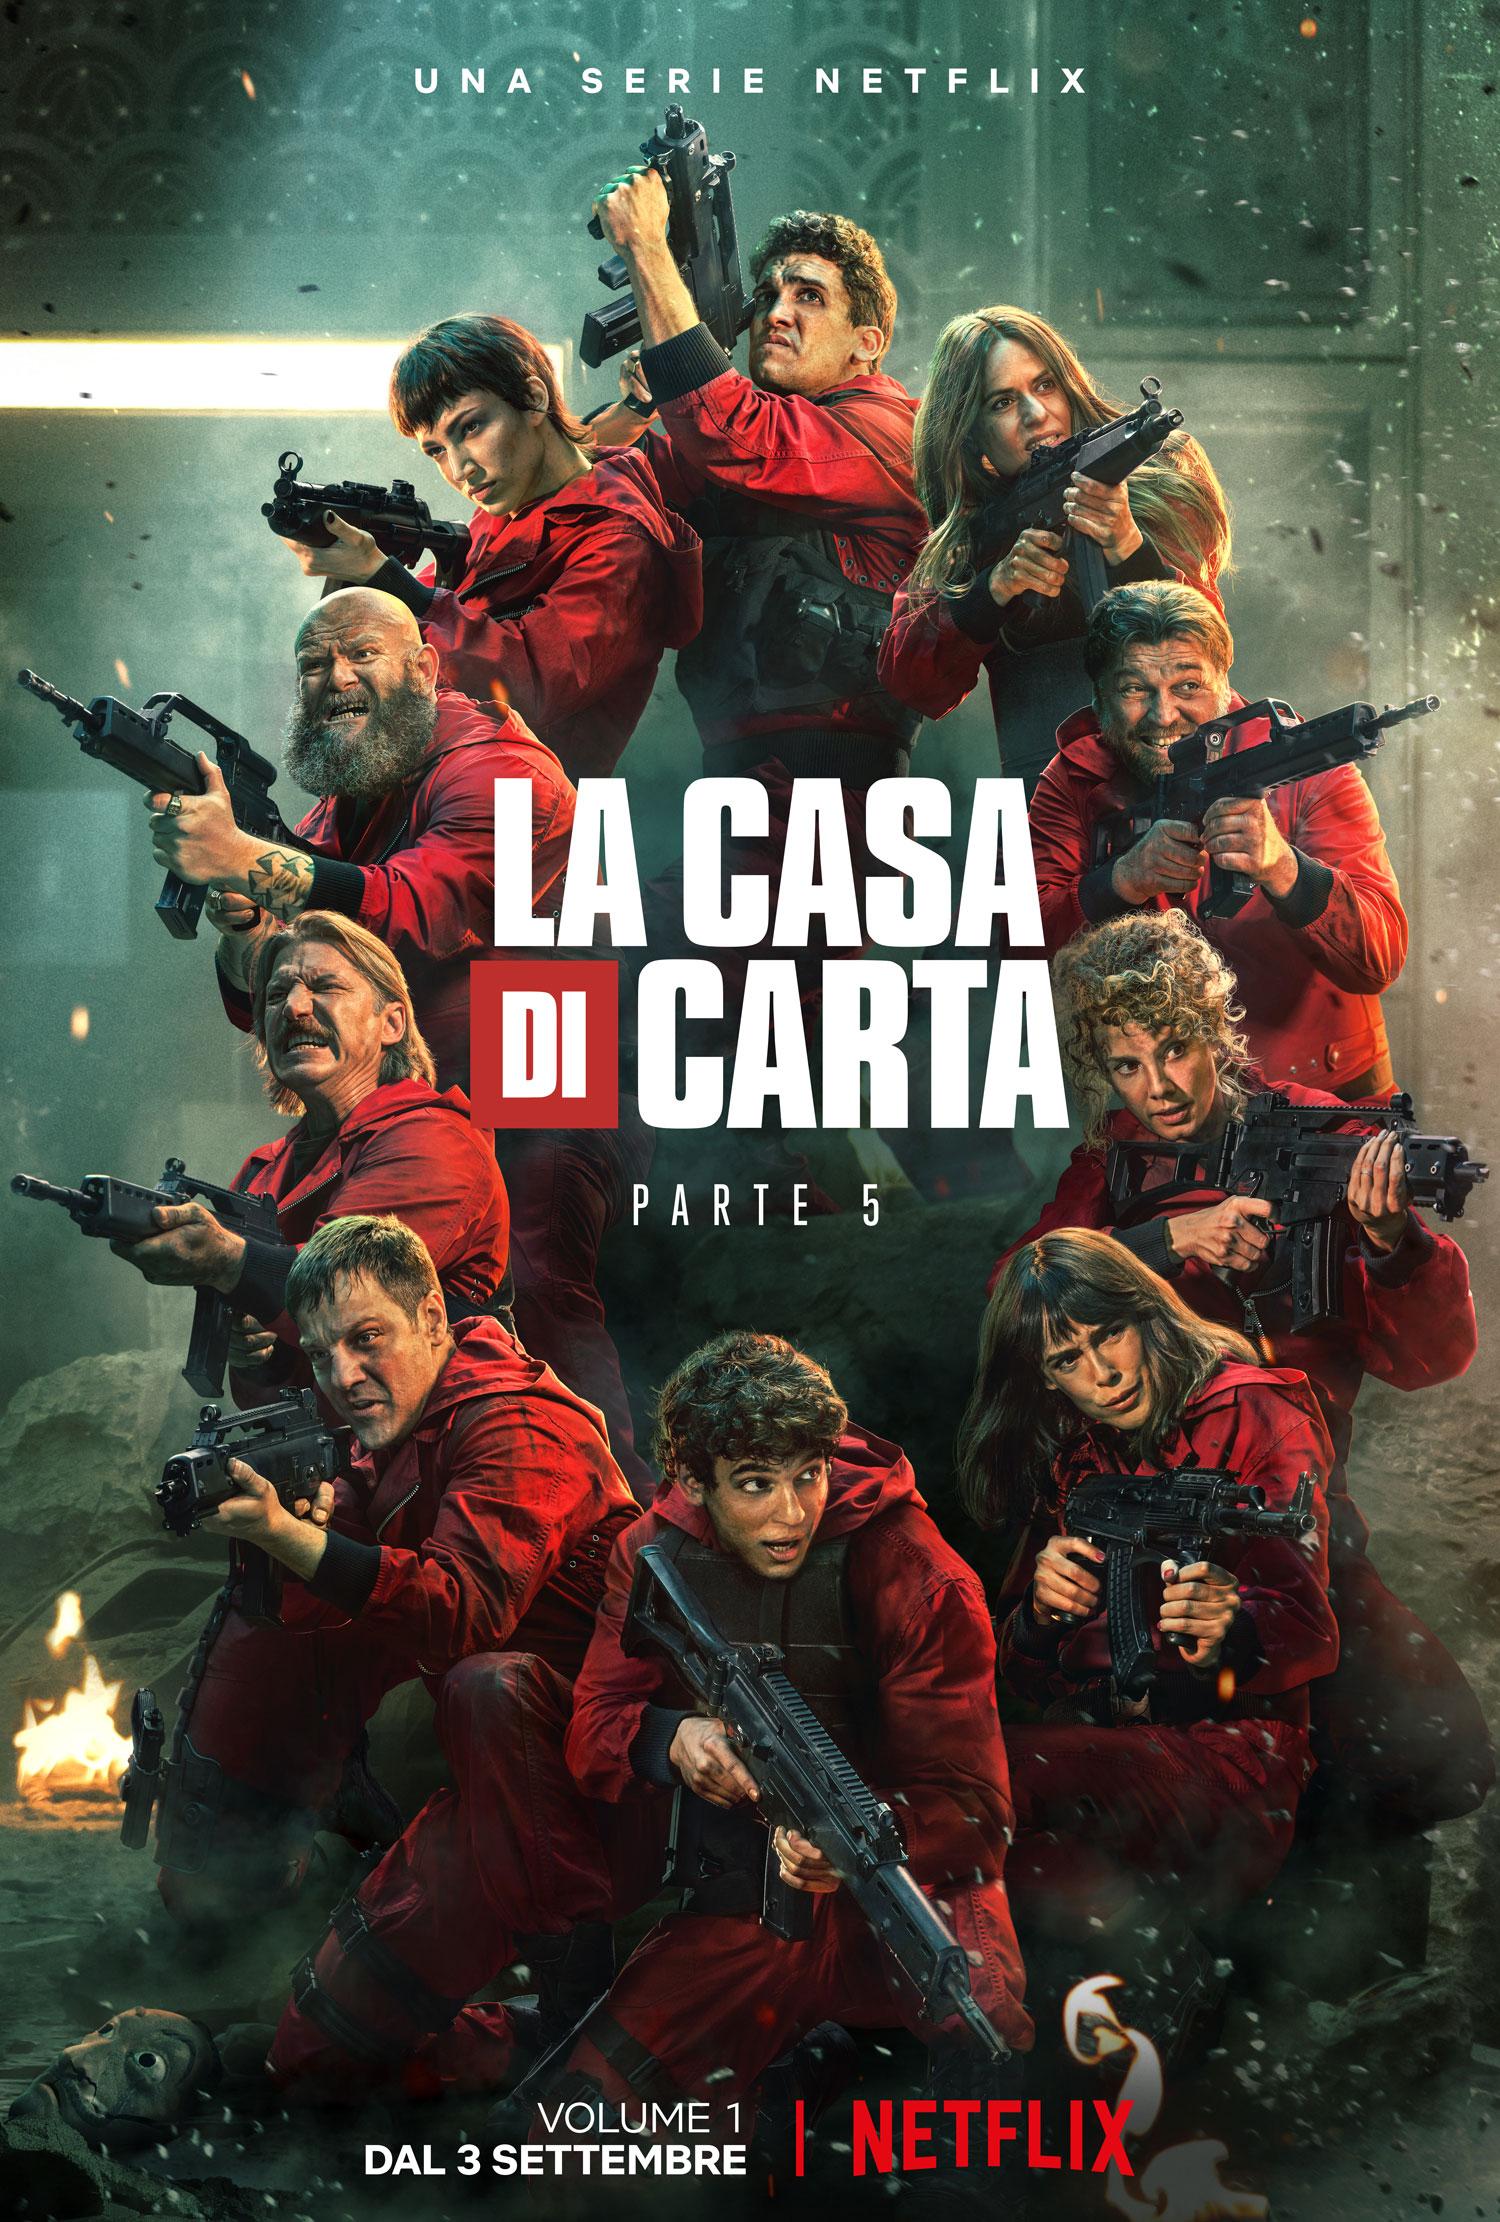 La casa di carta - Parte 5 il poster italiano